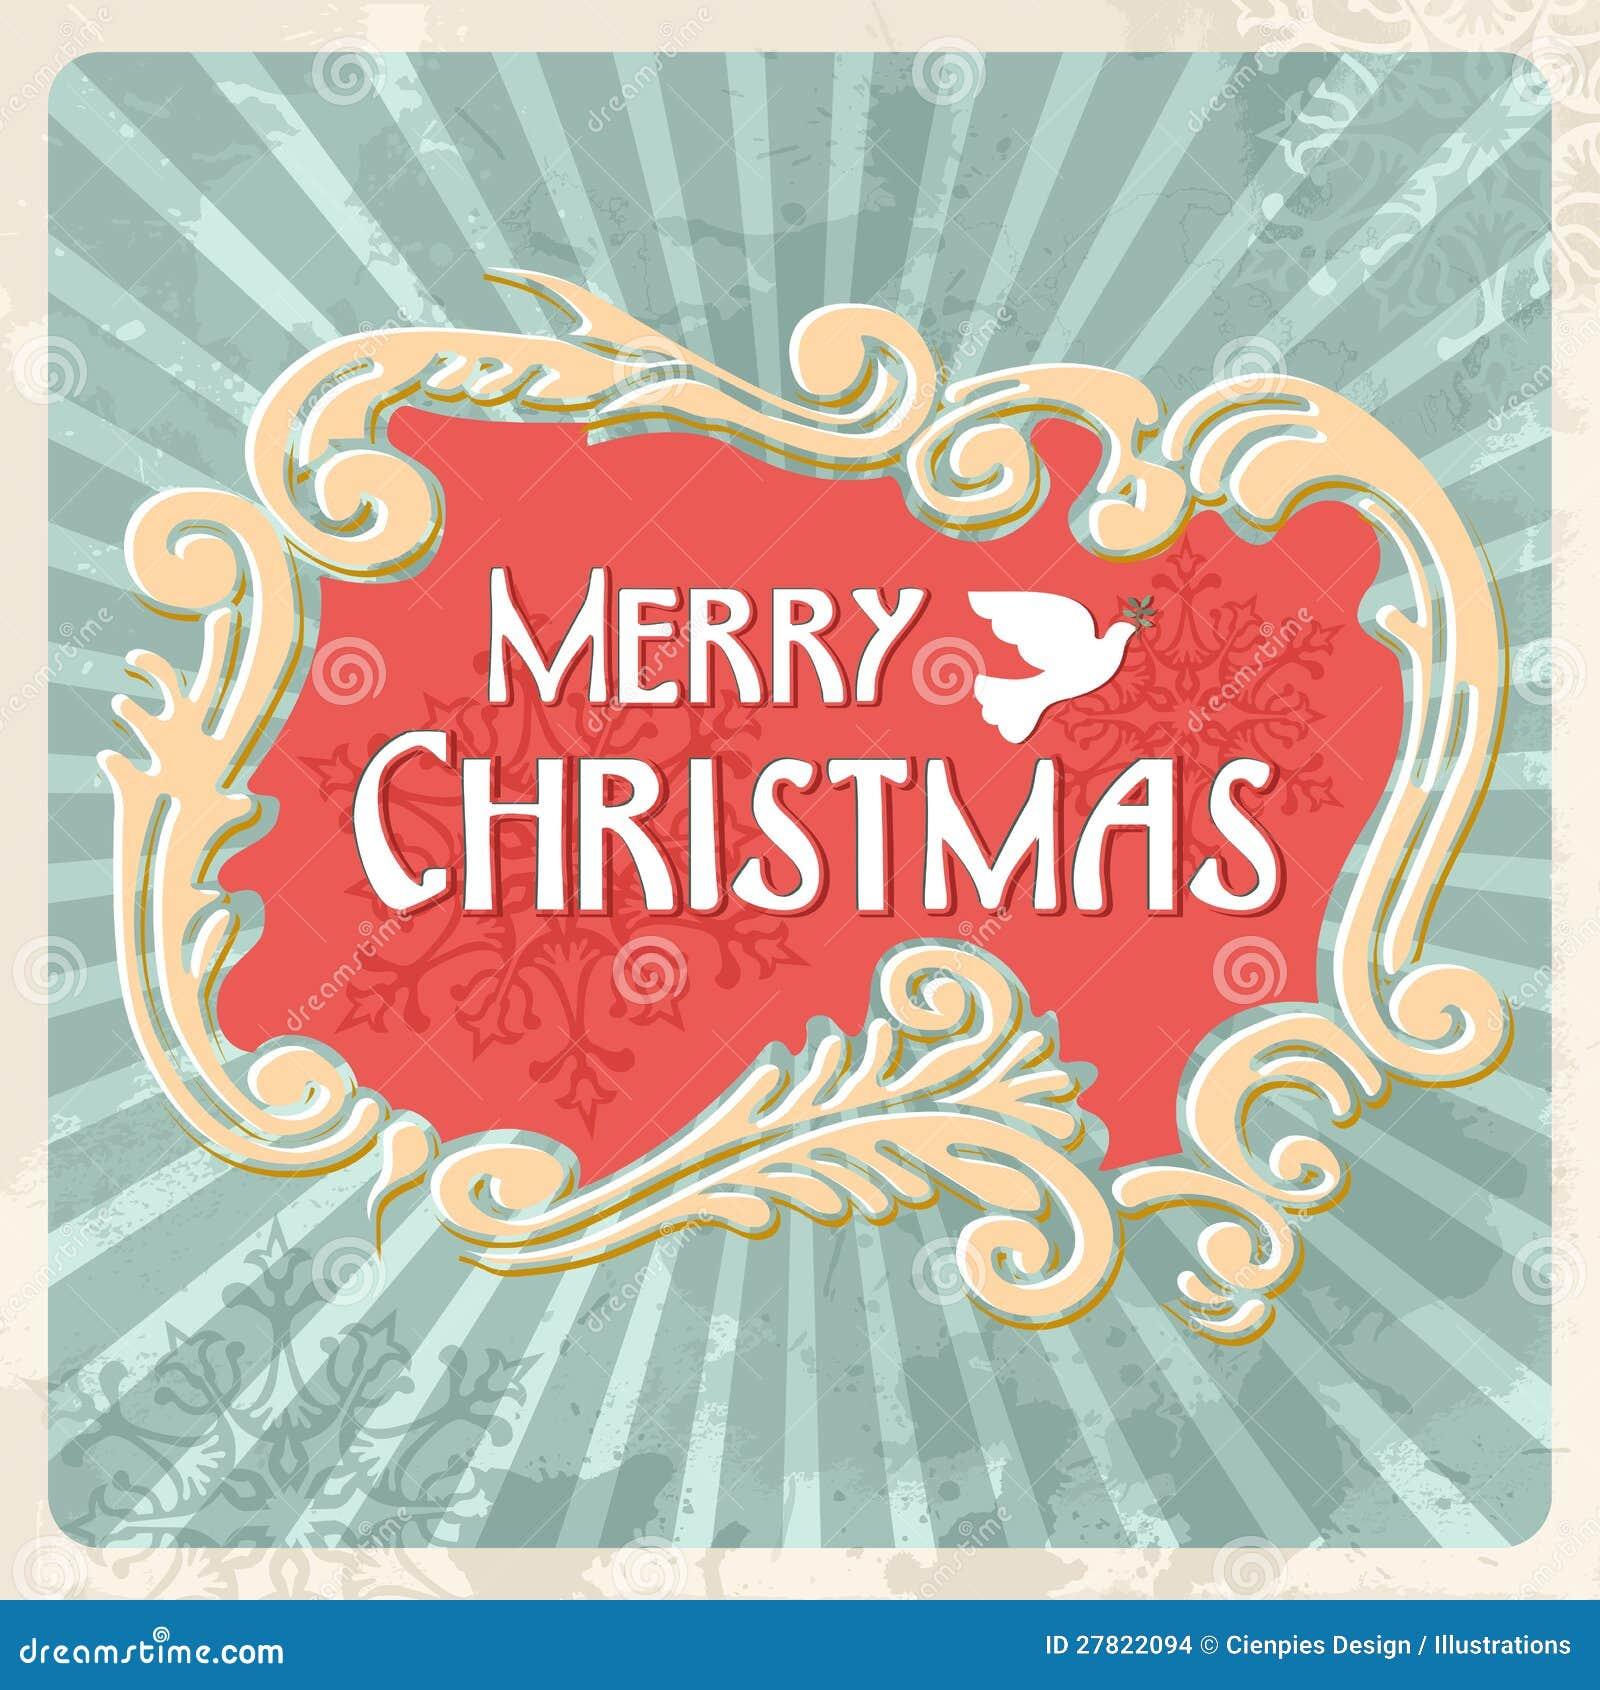 vintage merry christmas sign postcard stock images image 27822094. Black Bedroom Furniture Sets. Home Design Ideas